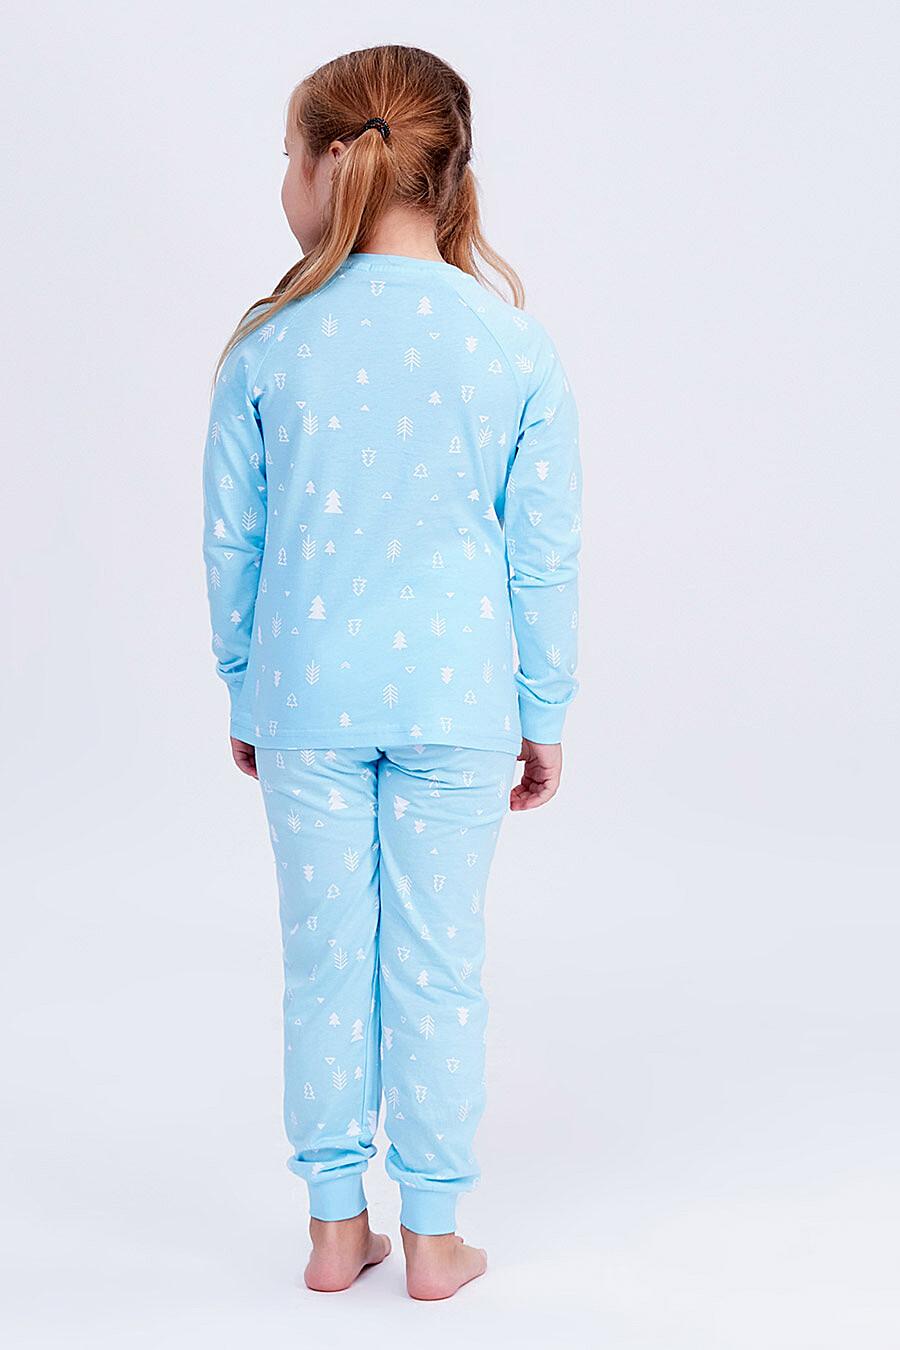 Пижама для девочек ROXY FOXY 707294 купить оптом от производителя. Совместная покупка детской одежды в OptMoyo